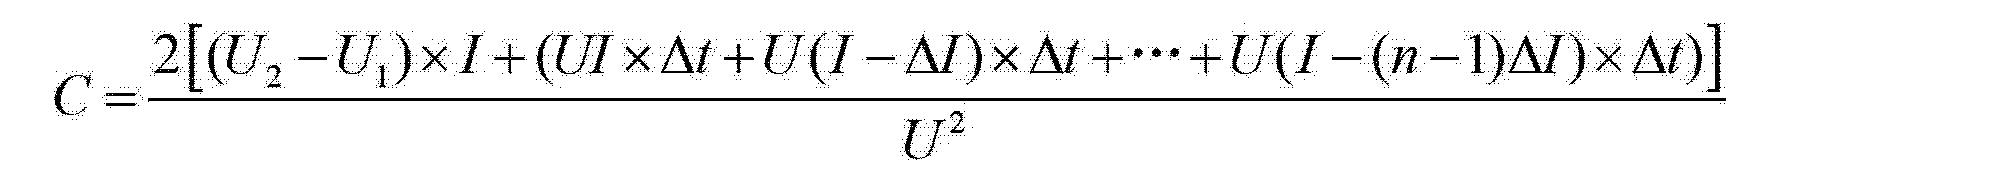 Figure CN102903186BD00062